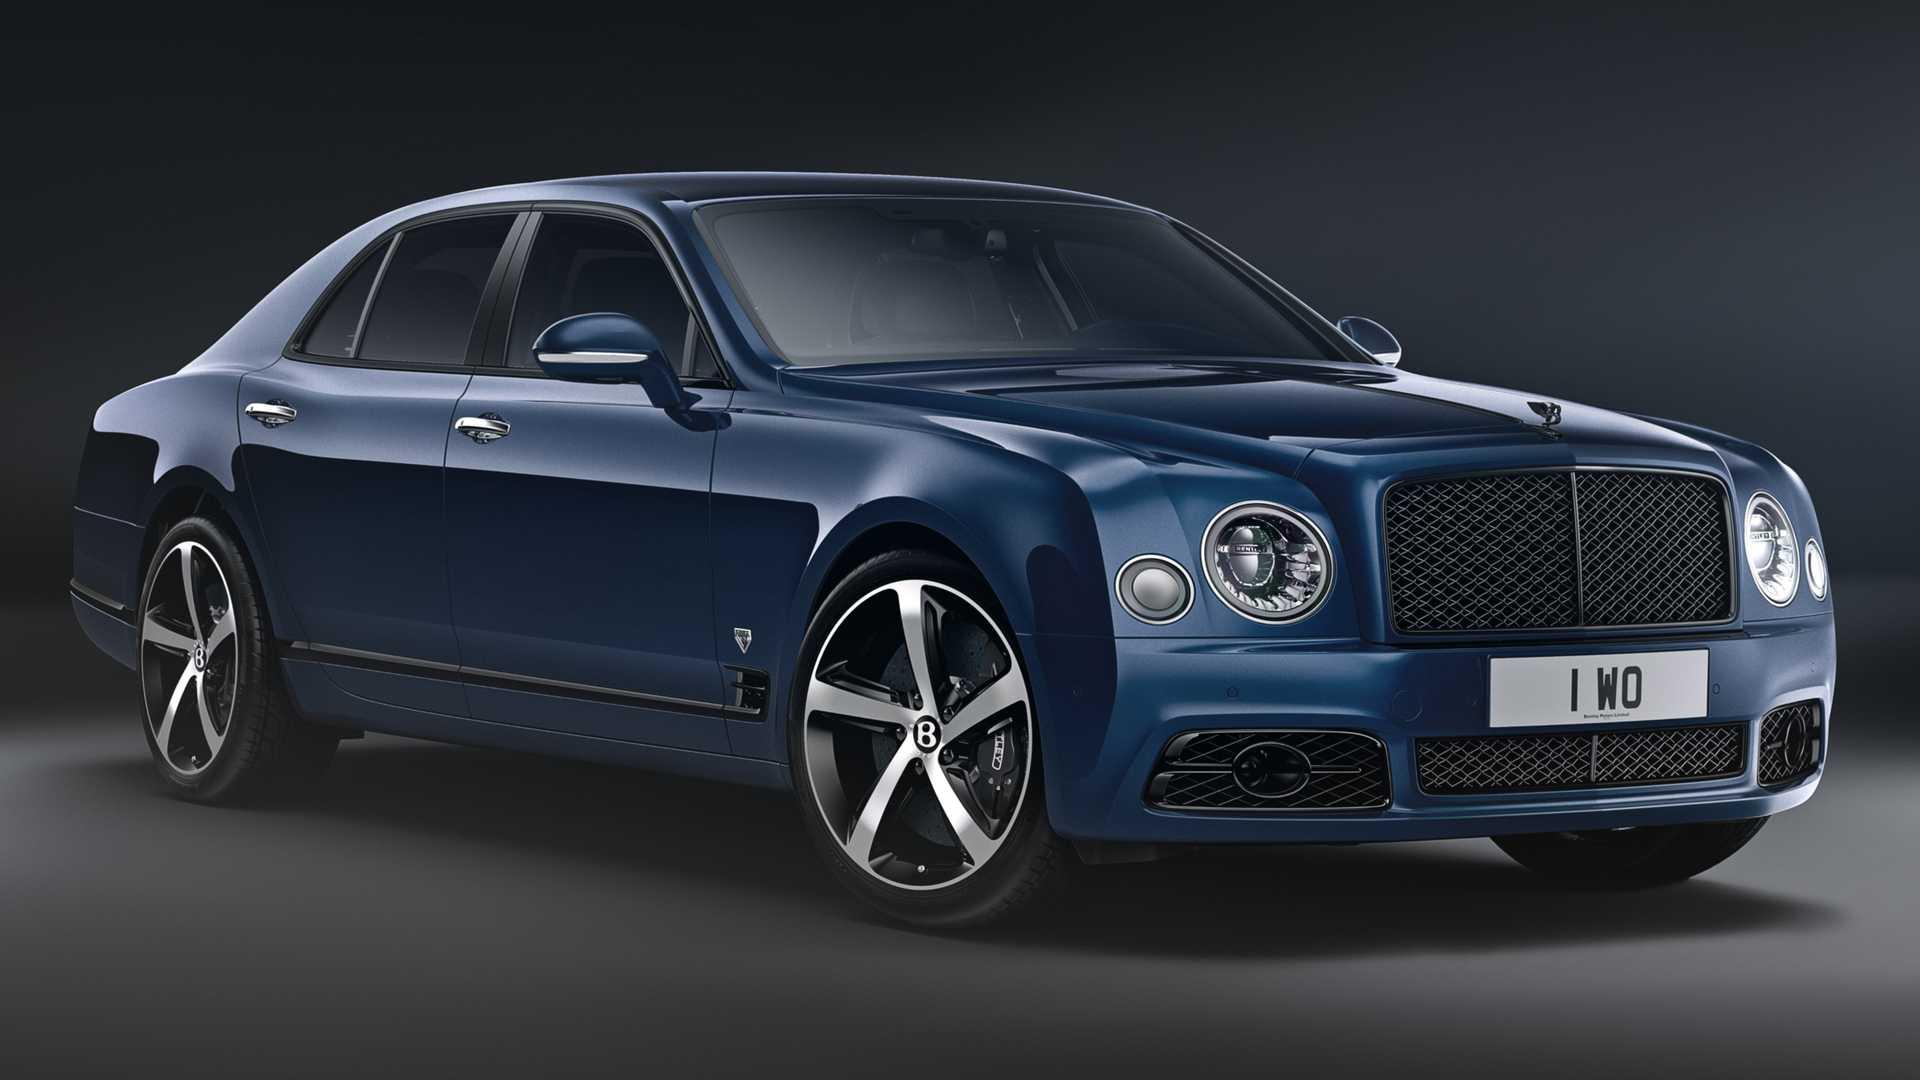 Bentley Mulsanne 6.75 Edition, mạnh 530 mã lực, phiên bản giới hạn 50 chiếc - 1